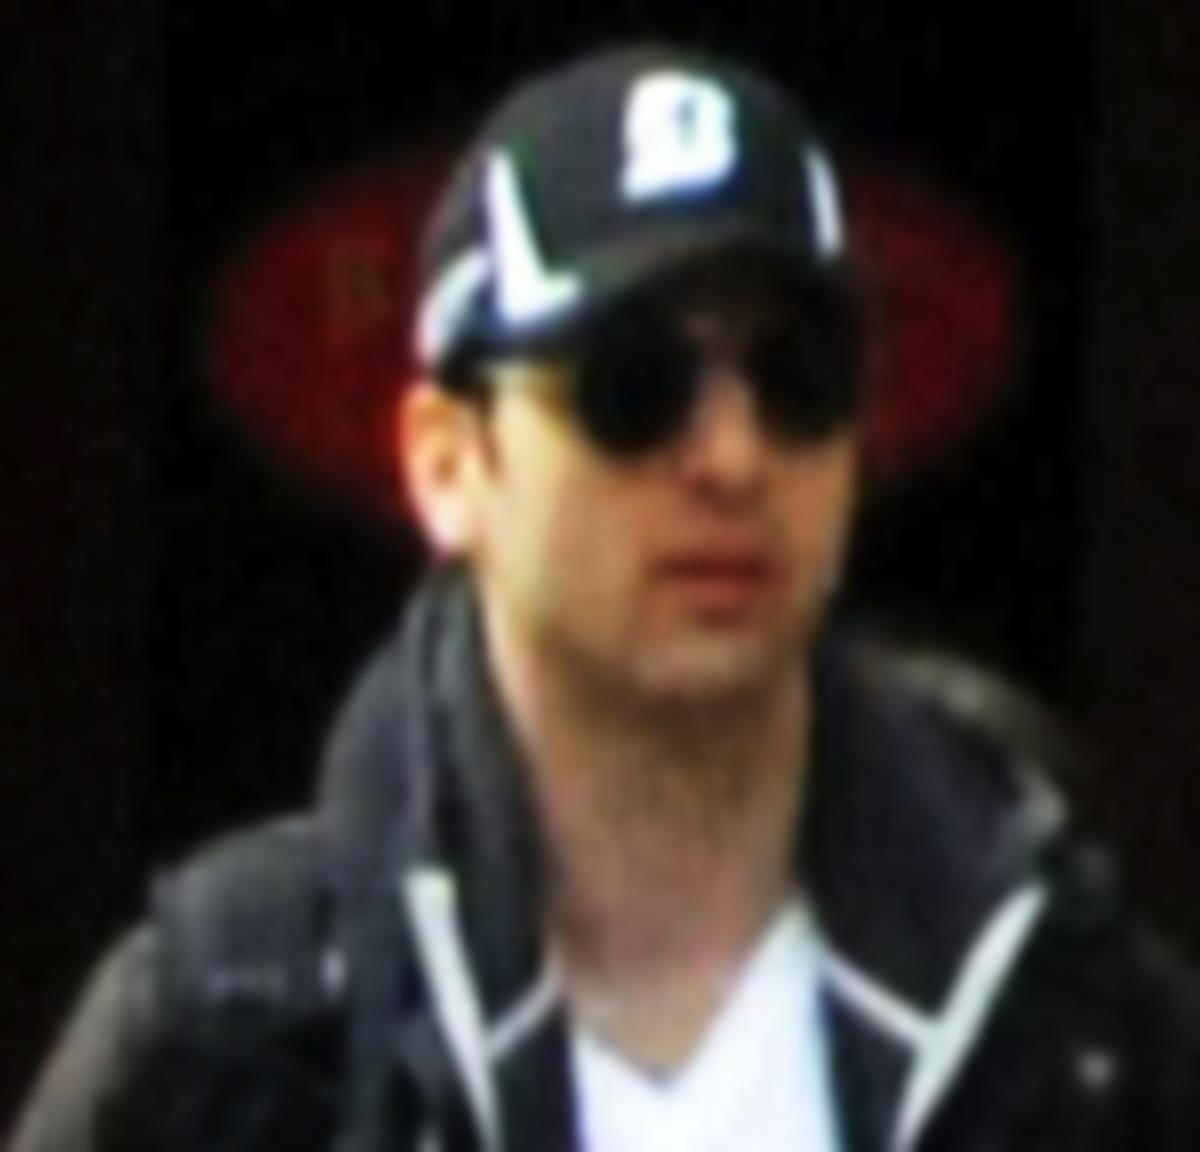 Tamerlan+Tsarnaev